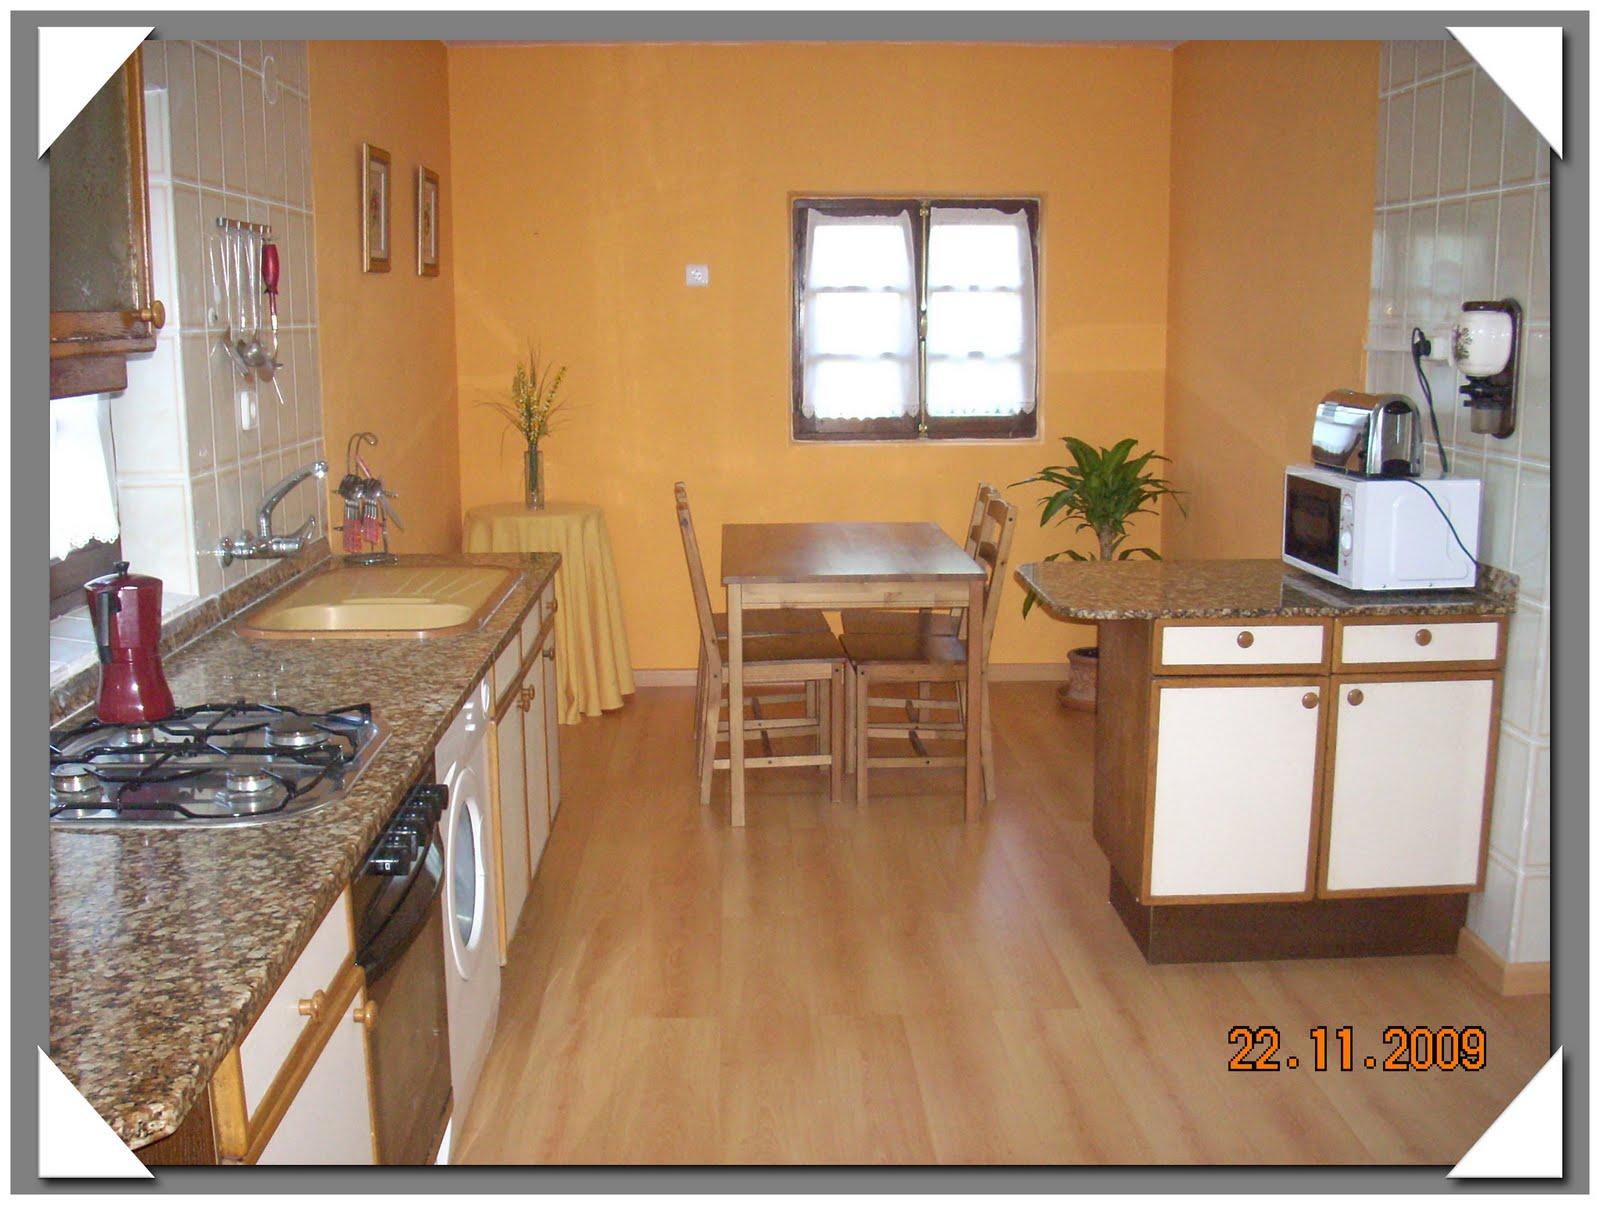 Turismo rural en cantabria la casa de mamasita cocina for Cocina 18 metros cuadrados